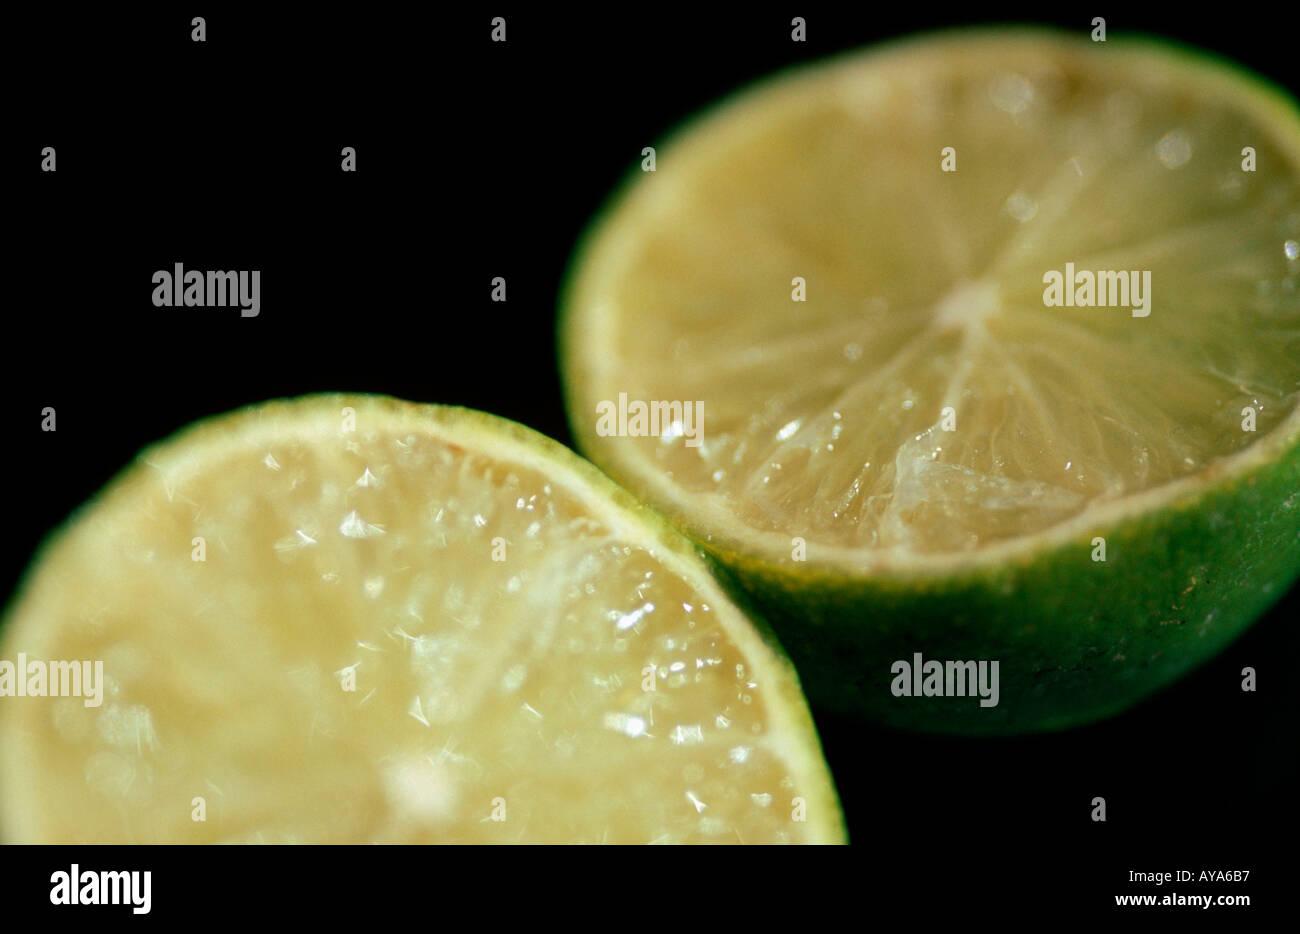 Lime fruits Citrus aurantiifolia Limetten Rautengewaechse Rutaceae Zitrusfruechte citrus fruits Frucht Nahrungsmittel Stock Photo